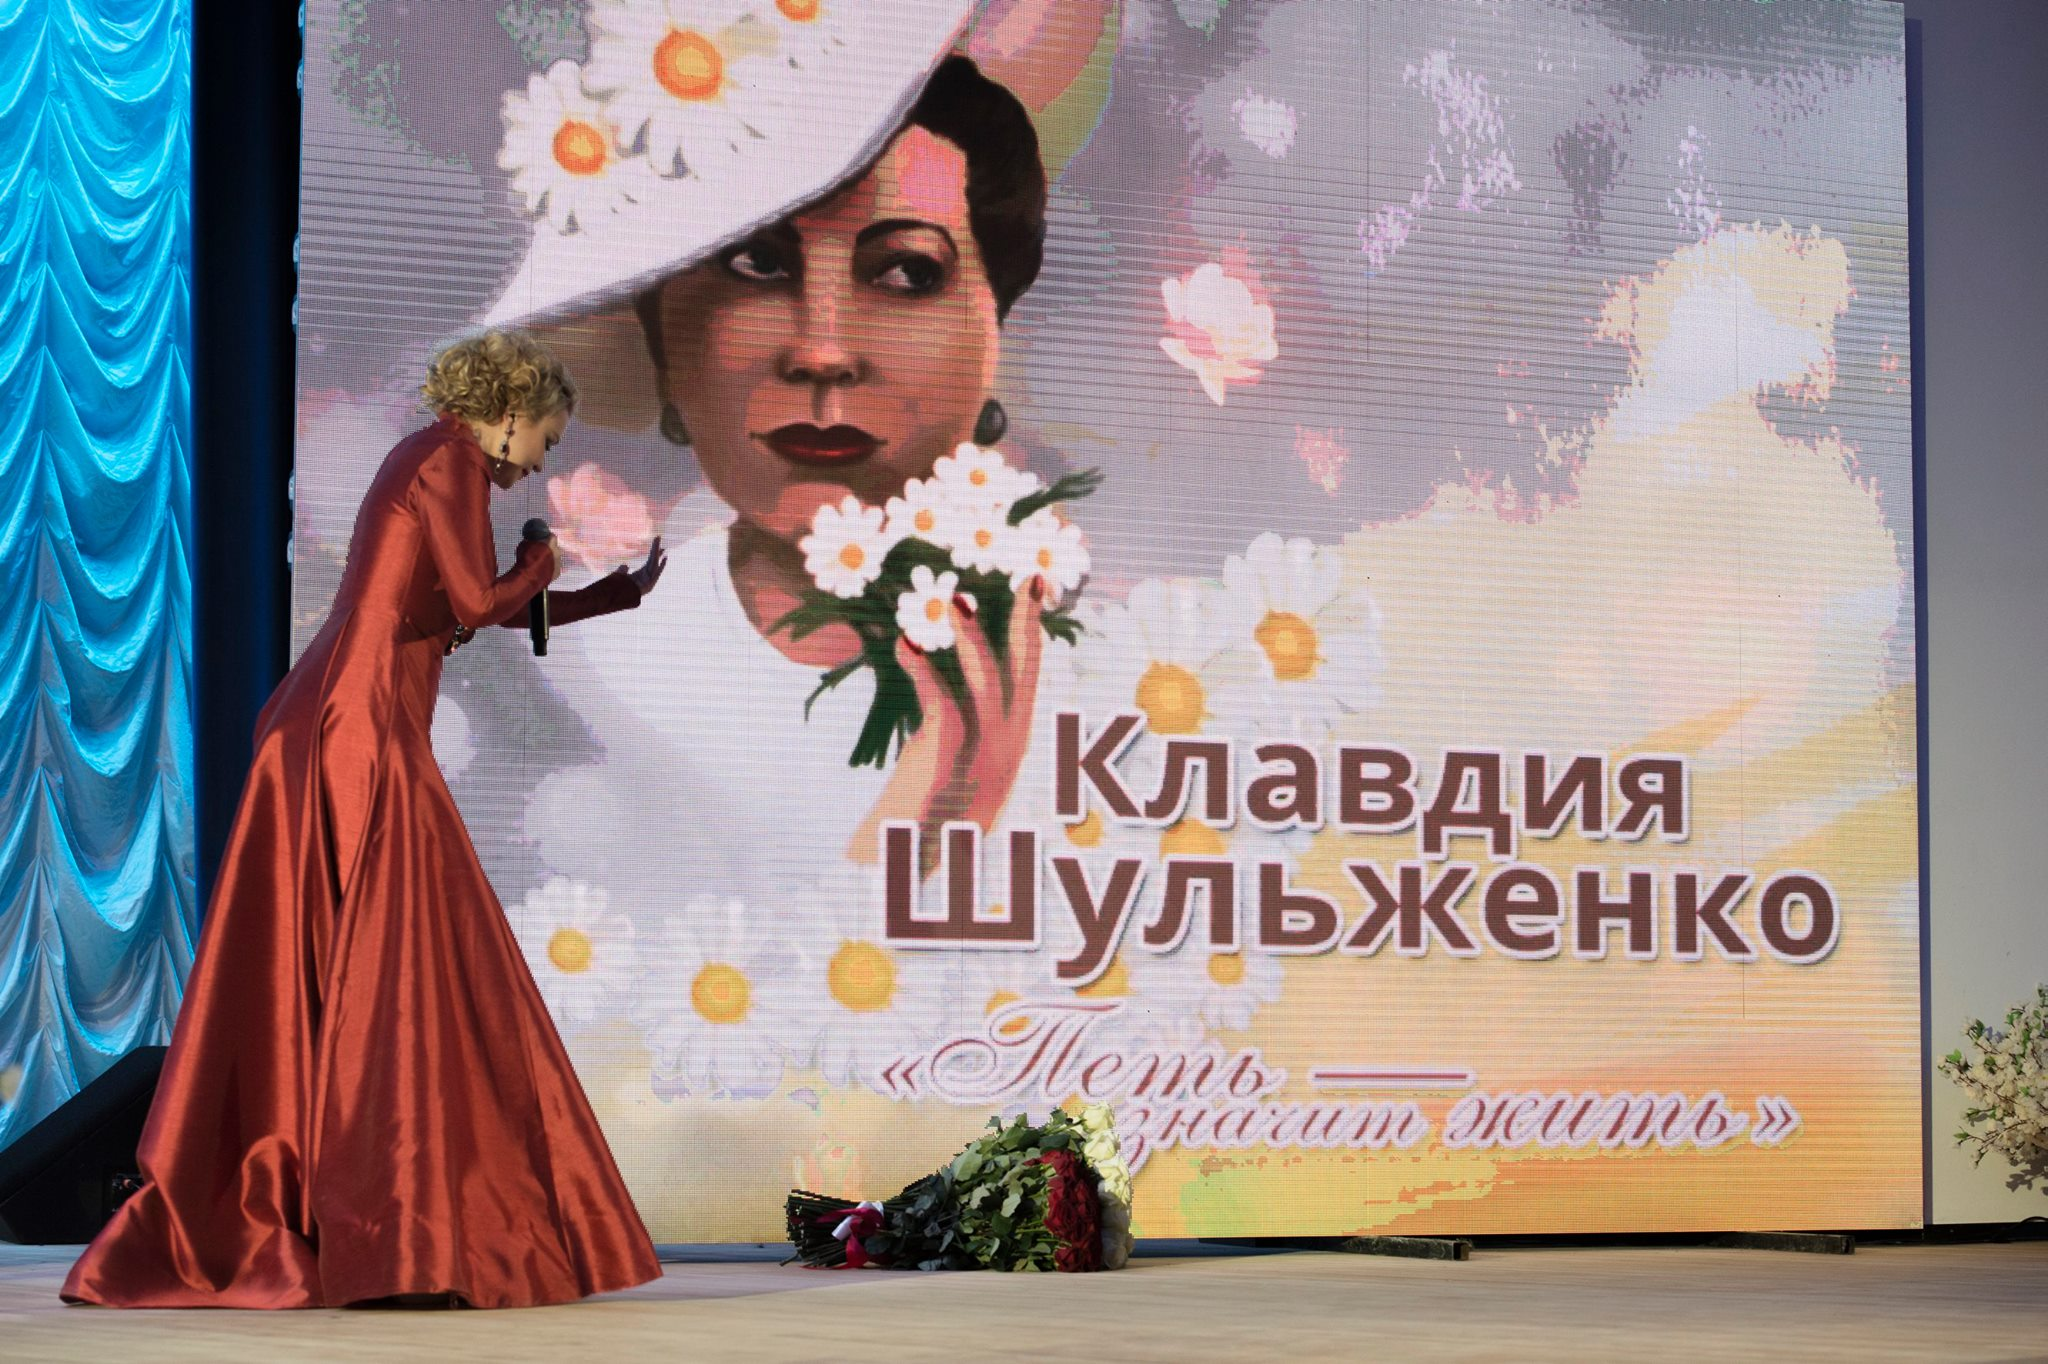 Благотворительная акция в рамках концерта, посвященного 110-летию со дня рождения Клавдии Шульженко